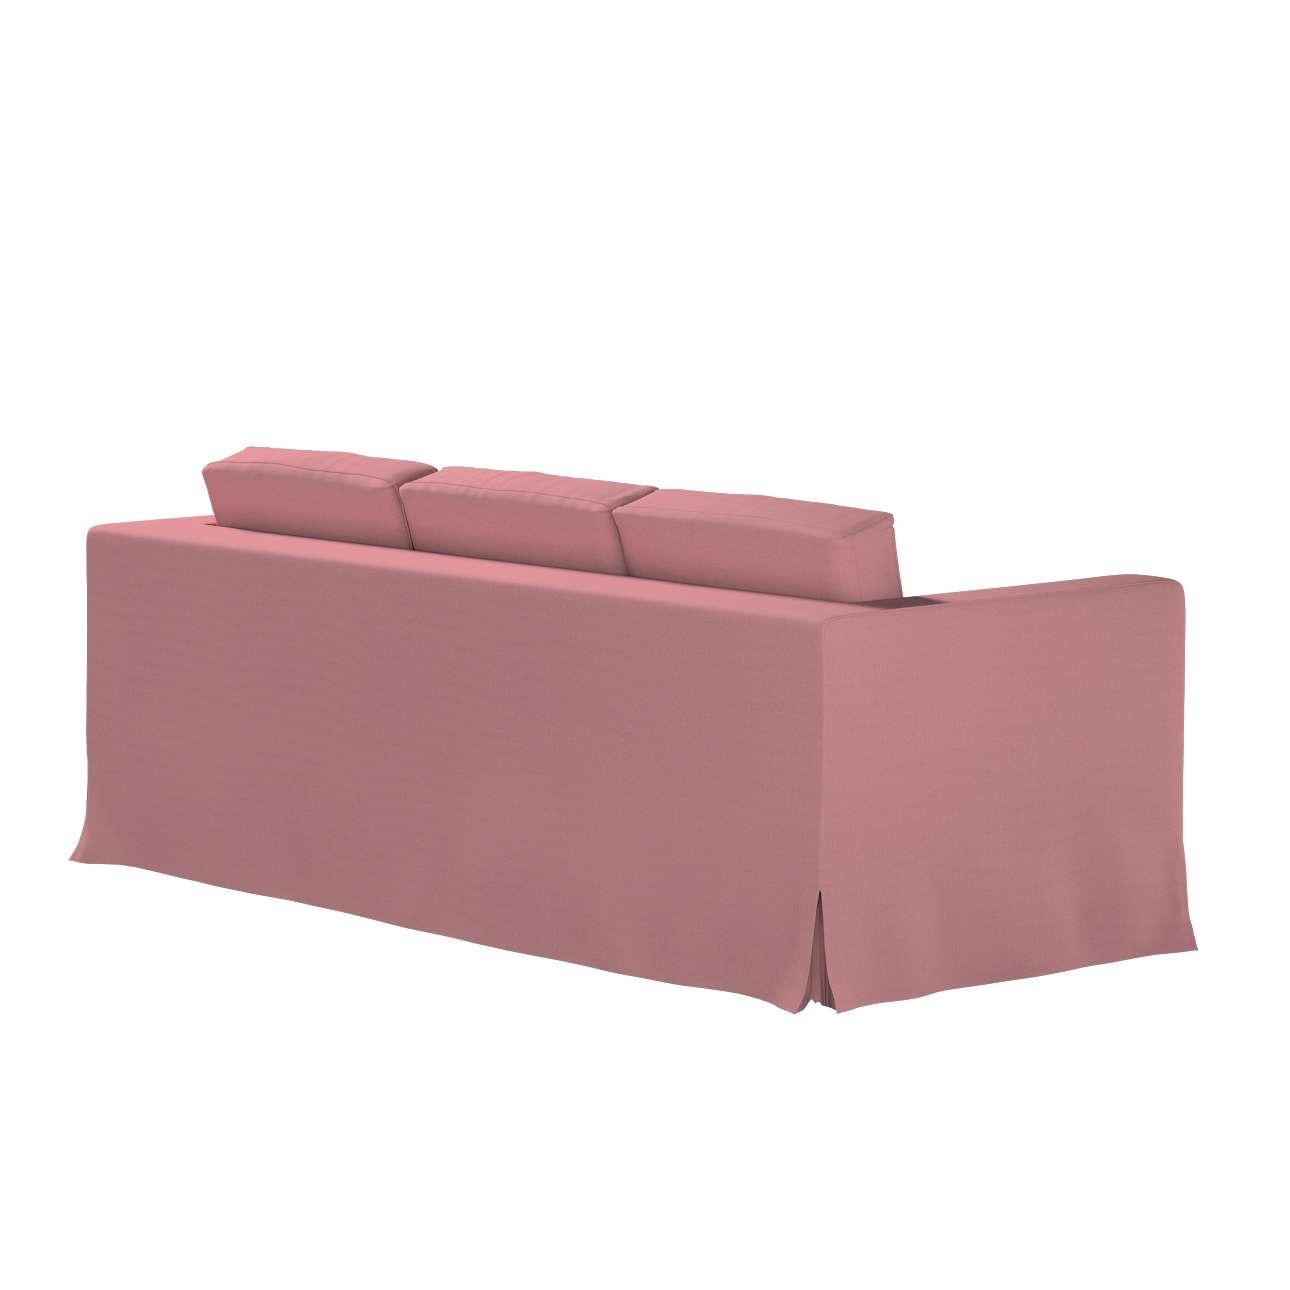 Pokrowiec na sofę Karlanda 3-osobową nierozkładaną, długi w kolekcji Cotton Panama, tkanina: 702-43